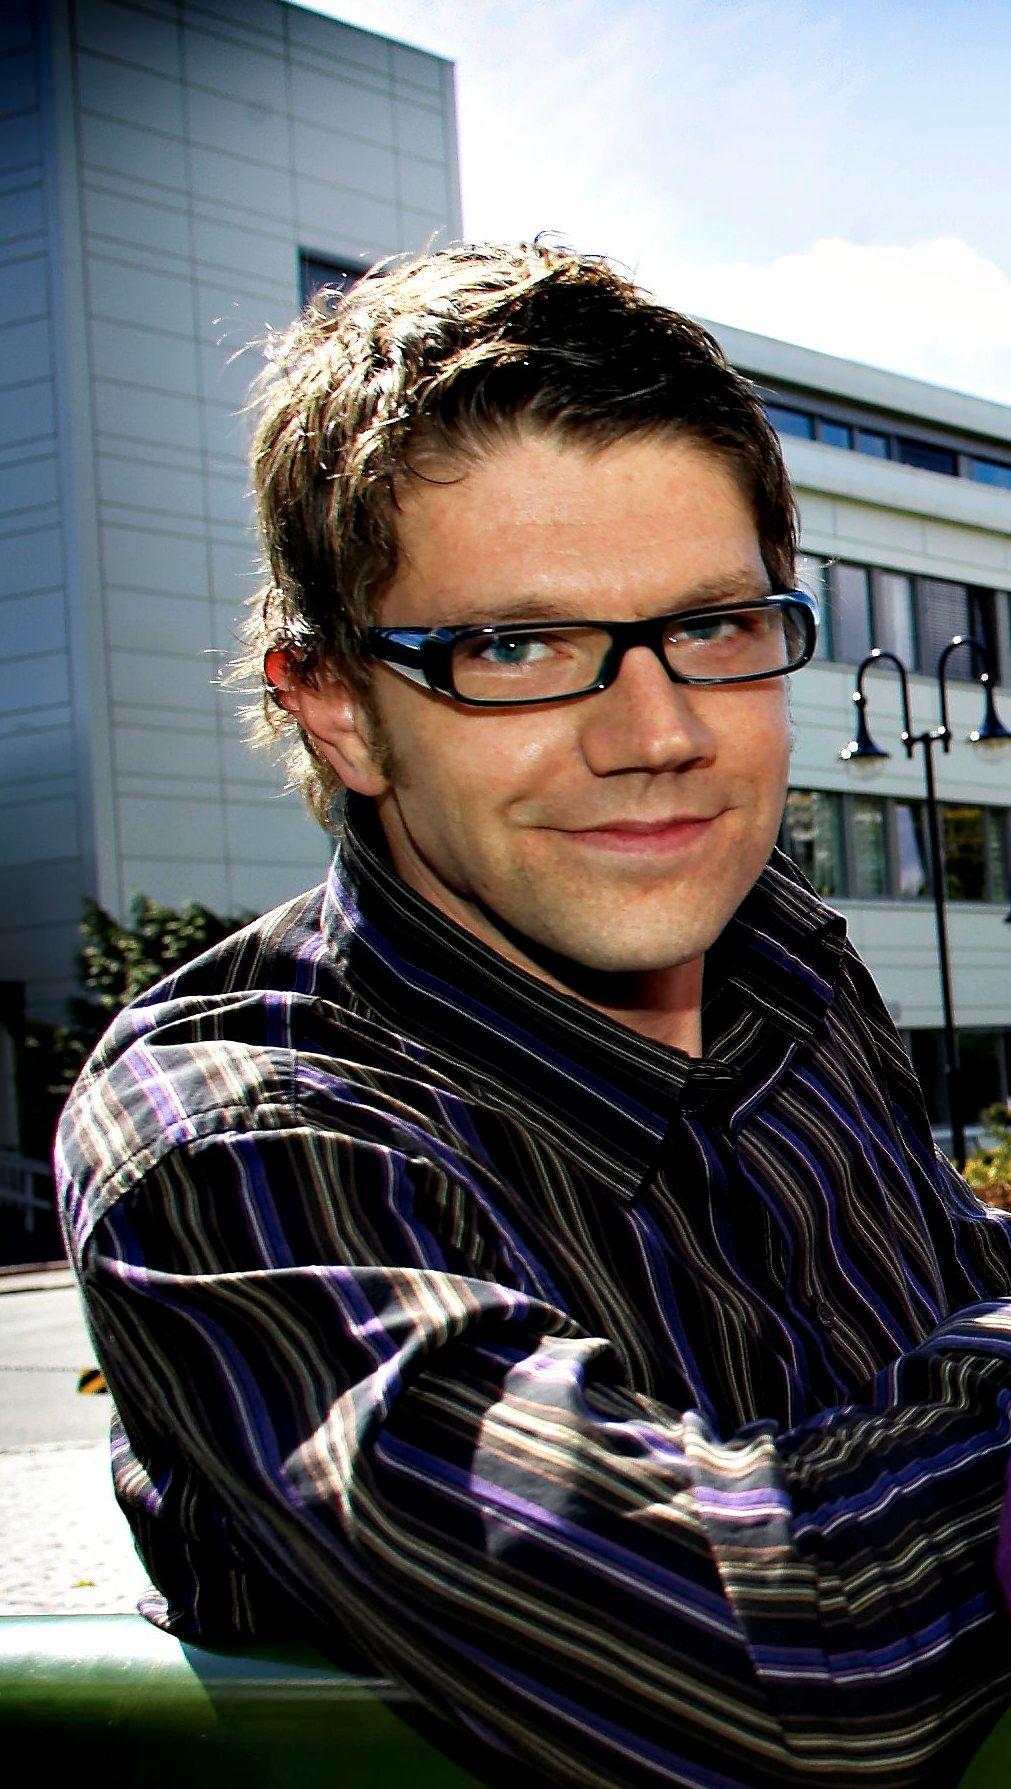 ANNONSERER: Rune Alstadsæter, kommunikasjonssjef for Høyre, sier at de bare kjøper annonser på samme måte som Arbeiderpartiet.